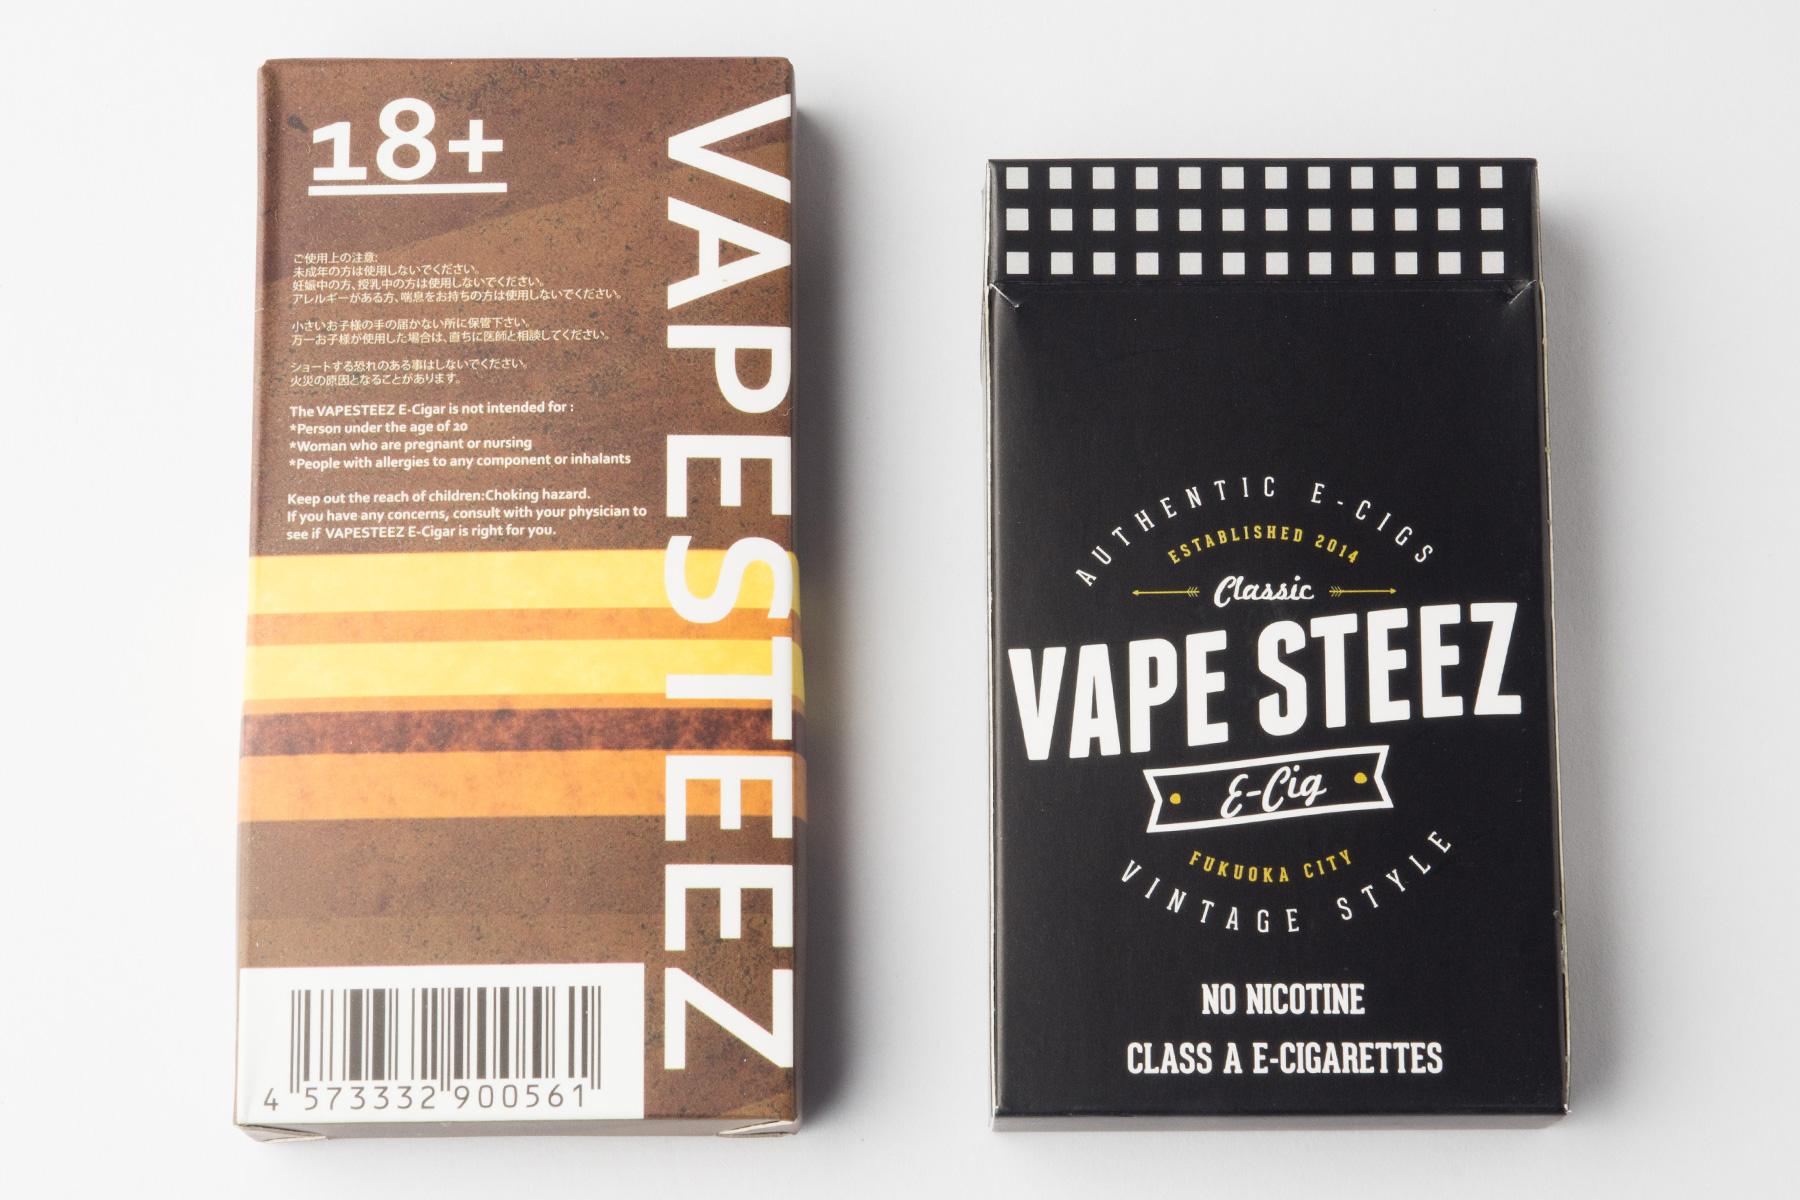 【使い捨て 電子タバコ】VAPE STEEZ オリジナル レビュー!! iQOS(アイコス)、Ploomtech(プルームテック)ユーザーにも!